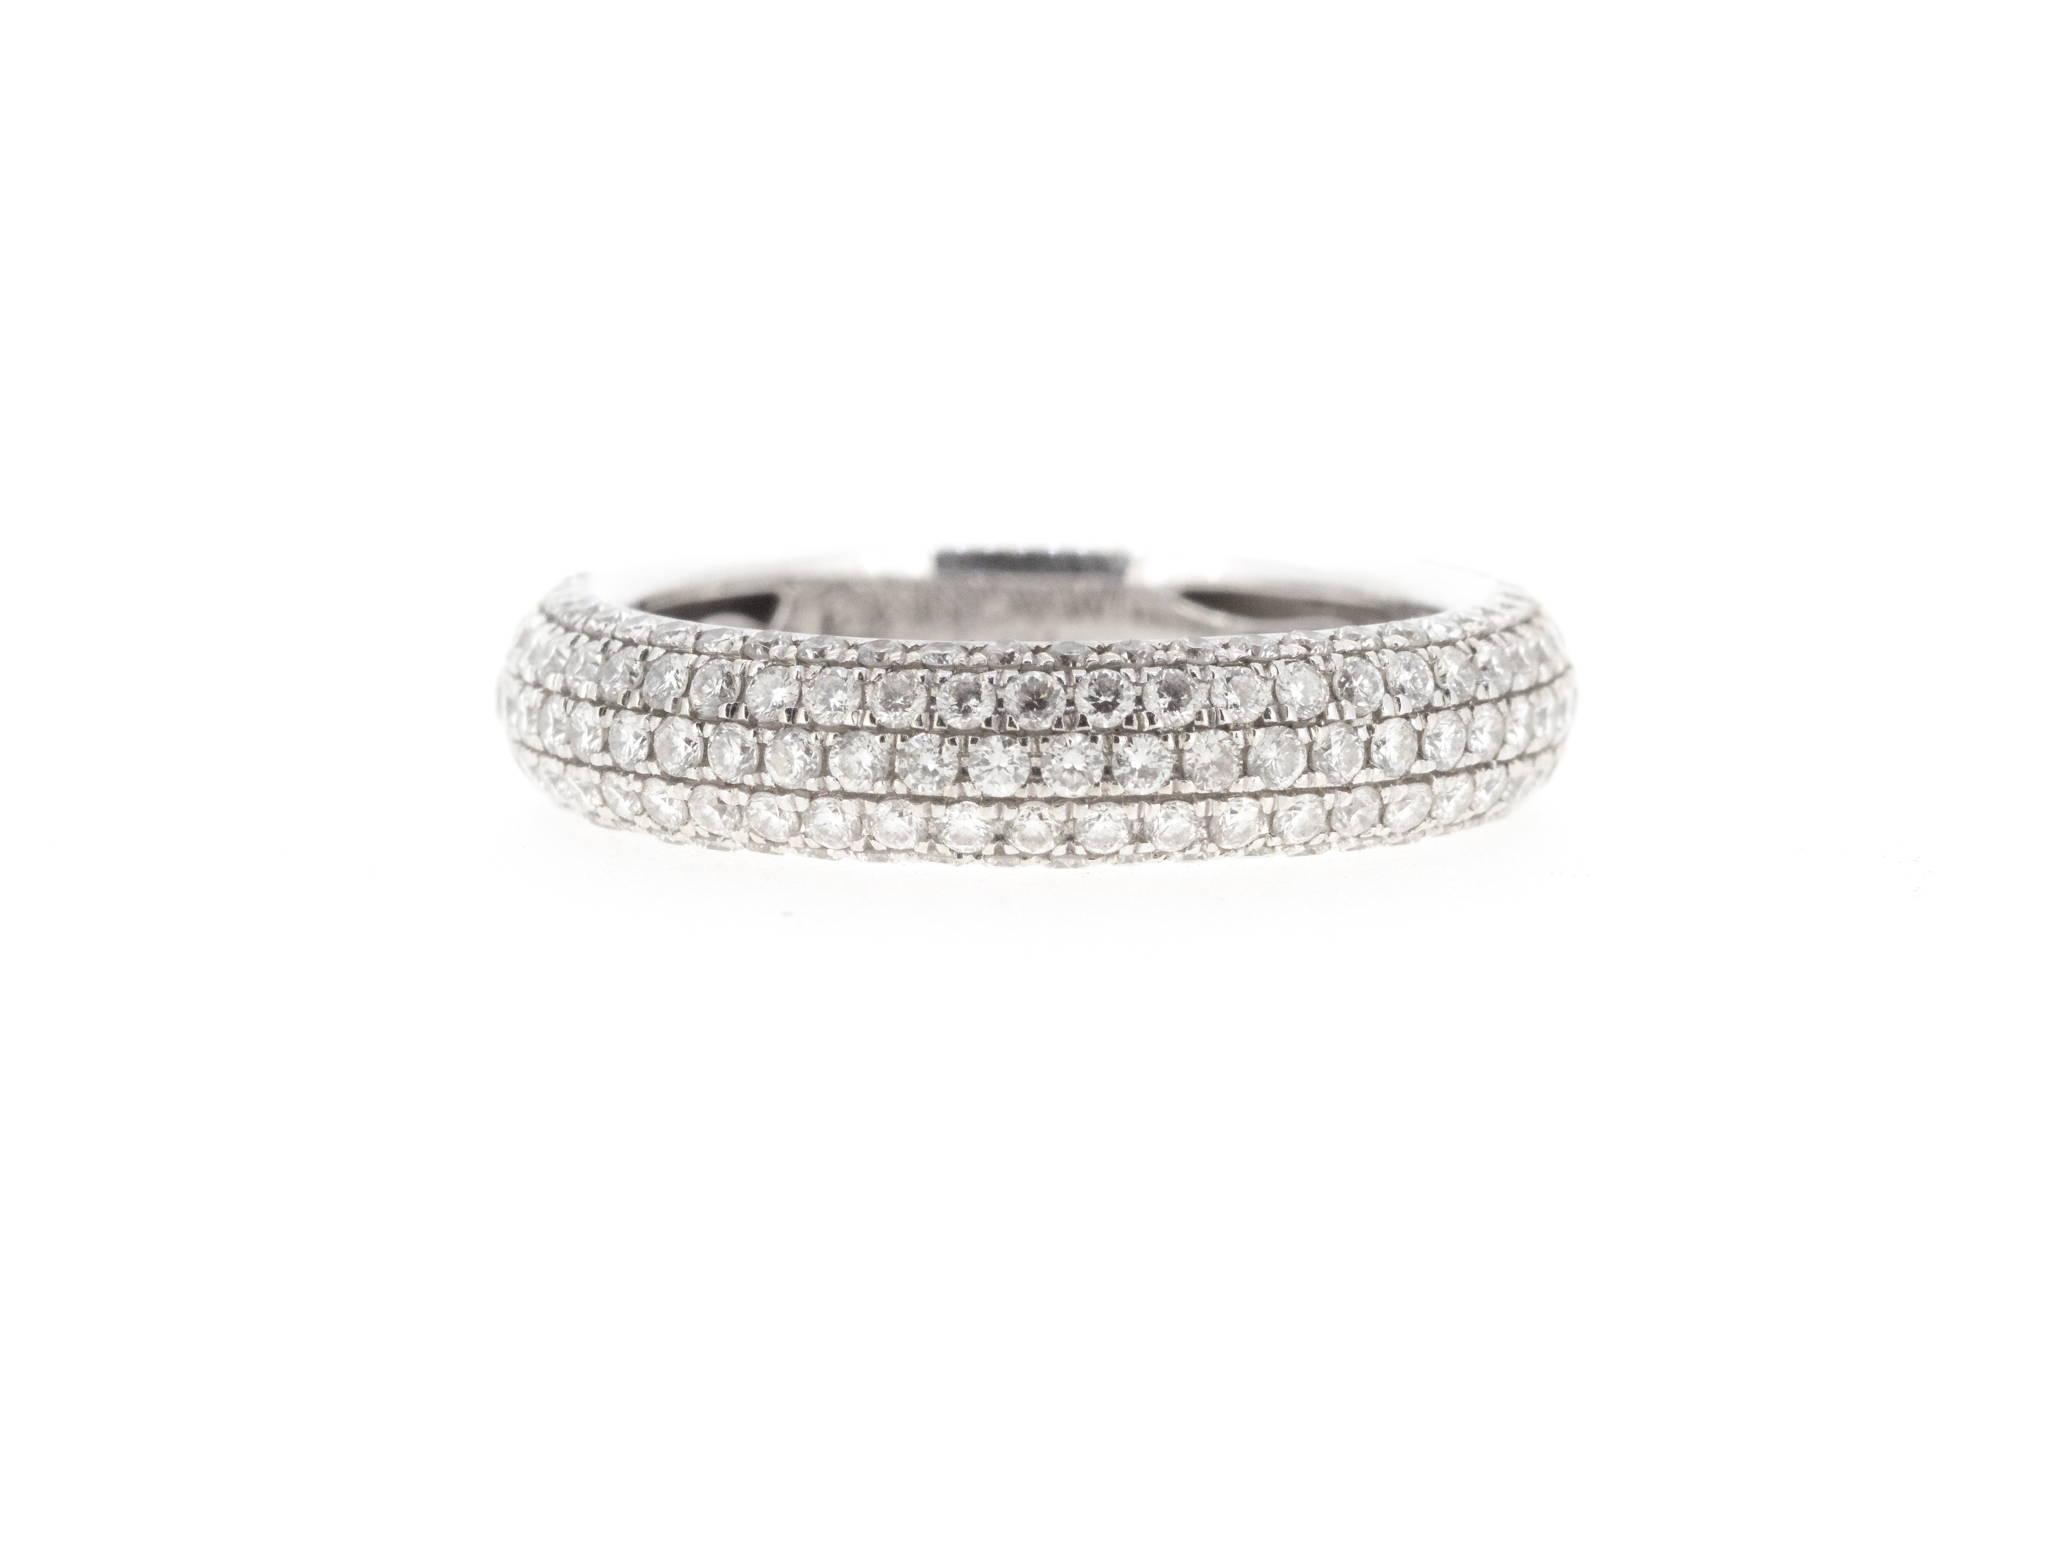 5 row diamond pave ring